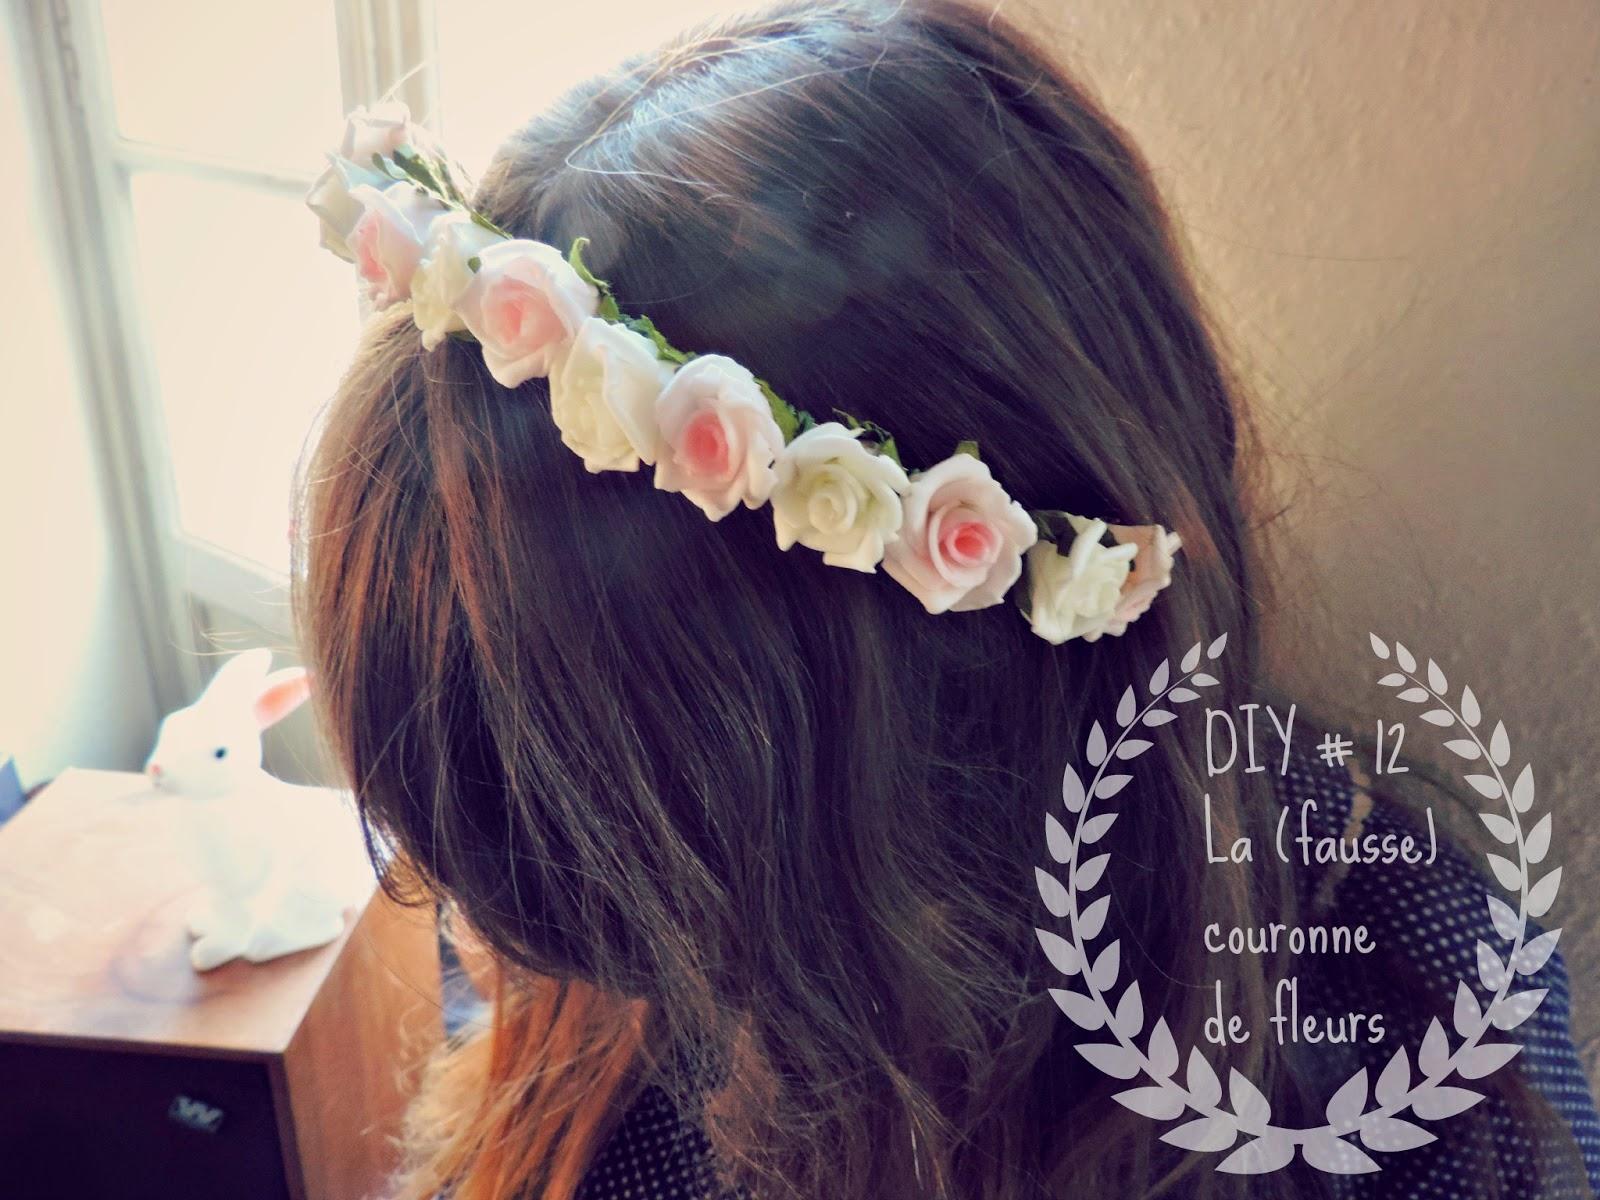 http://mynameisgeorges.blogspot.com/2014/05/diy-12-la-fausse-couronne-de-fleurs.html